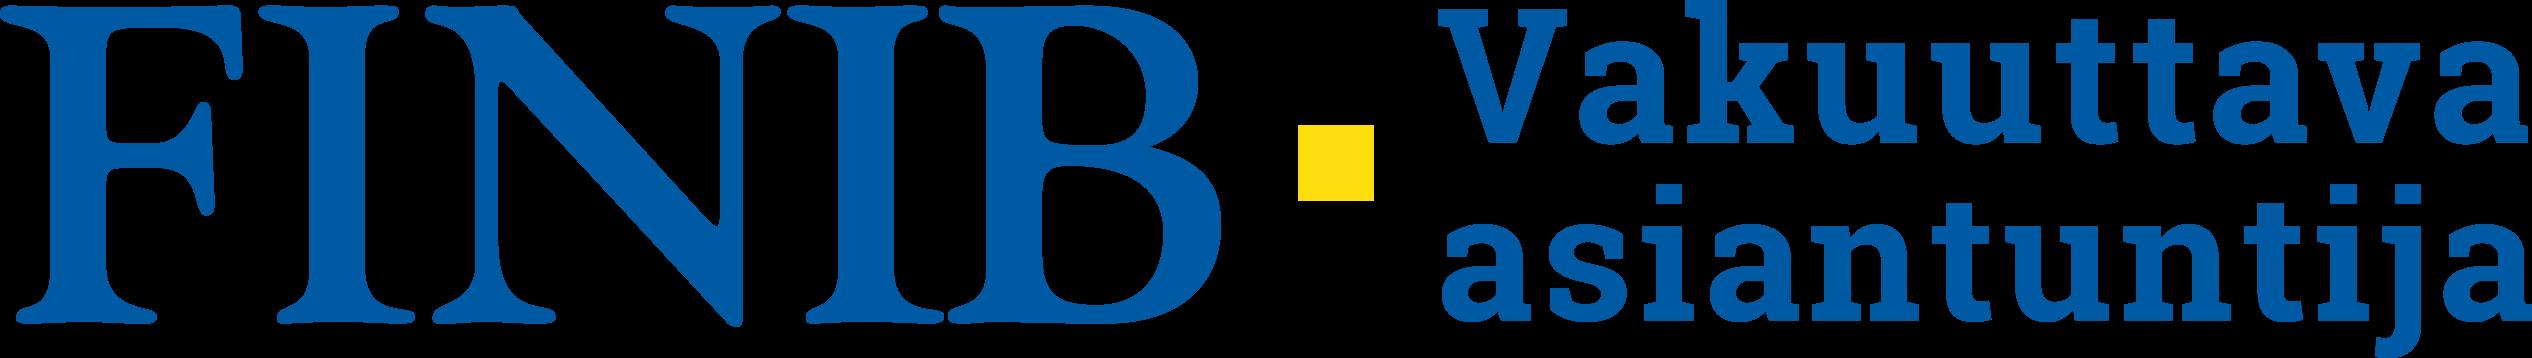 Aito suomalainen vakuutusmeklari